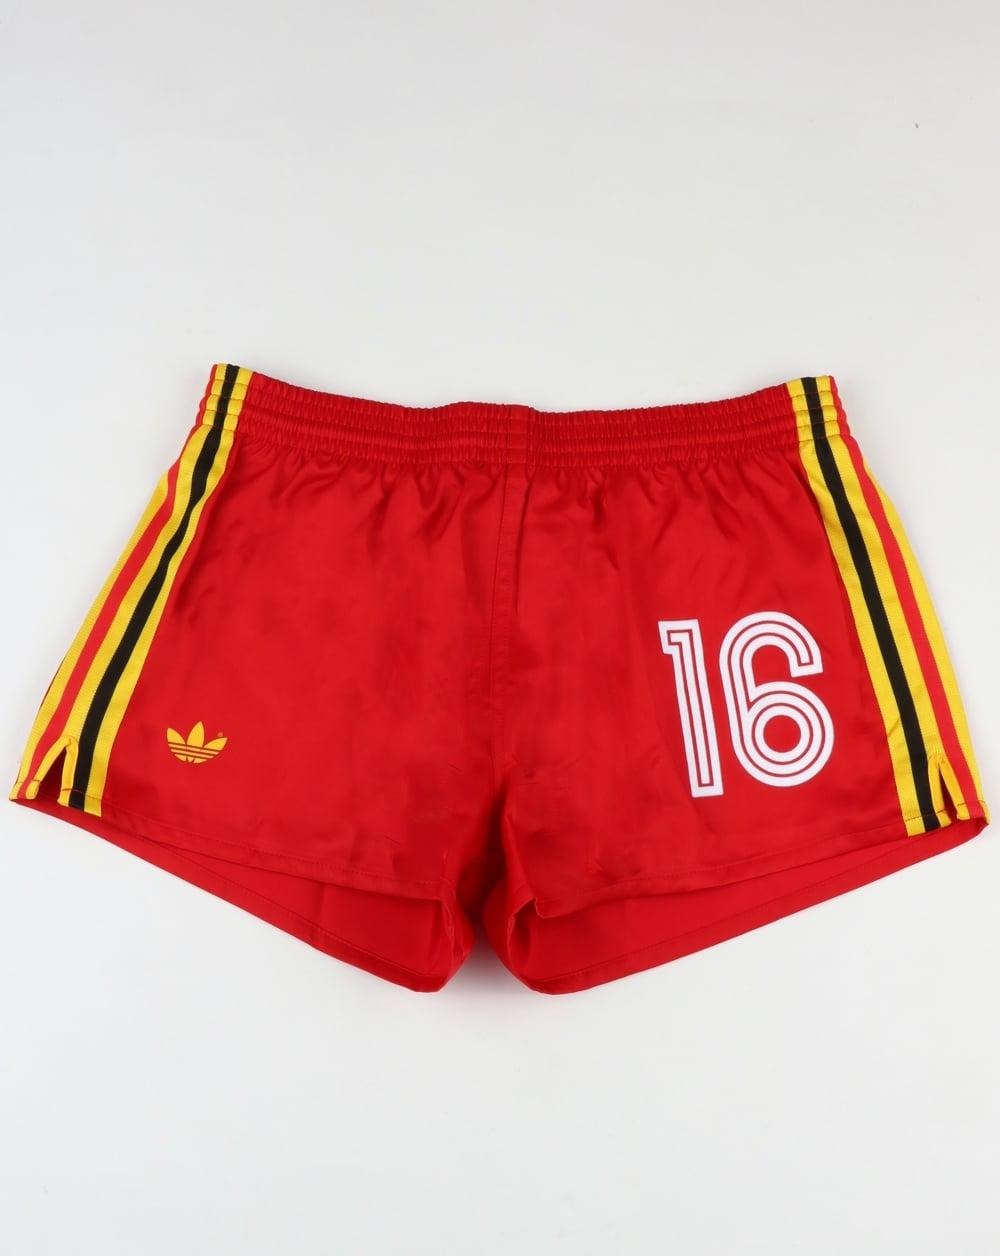 entonces Arco iris Oeste  Adidas Originals Belgium Shorts Victory Red,football,retro,shiny,mens